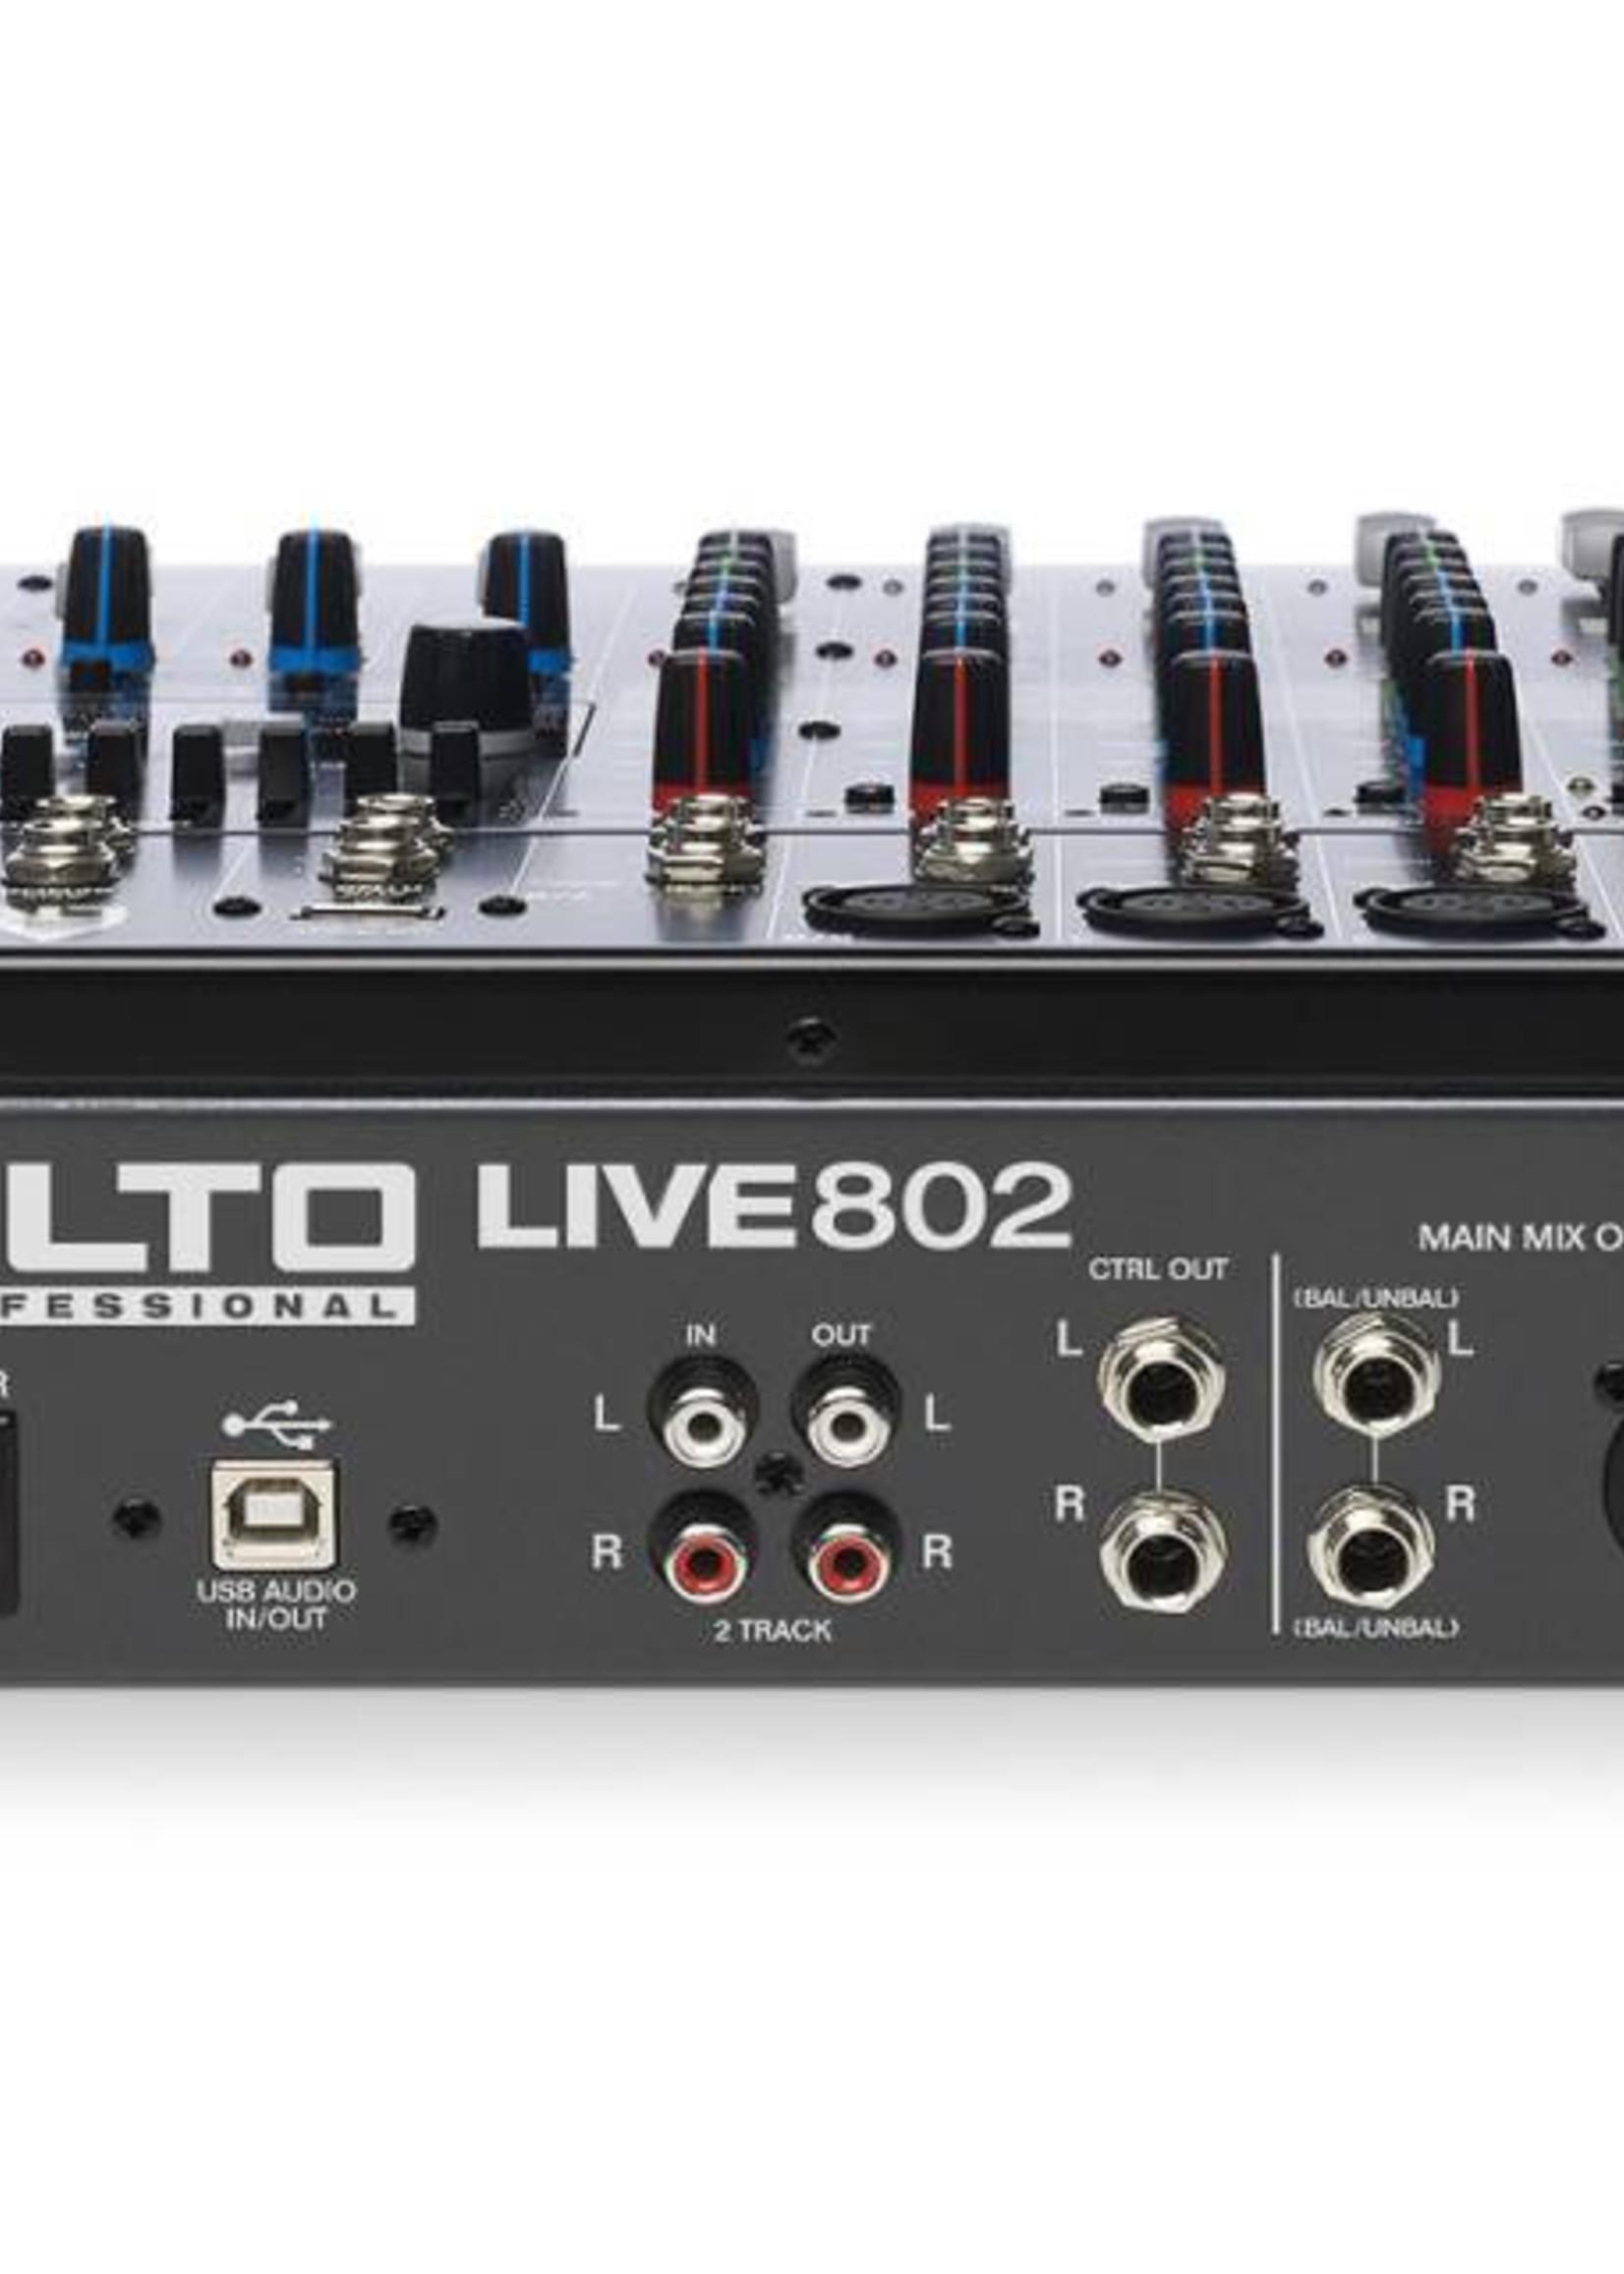 ALTO PROFESSIONAL LIVE 802 ALTO PROFESSIONAL